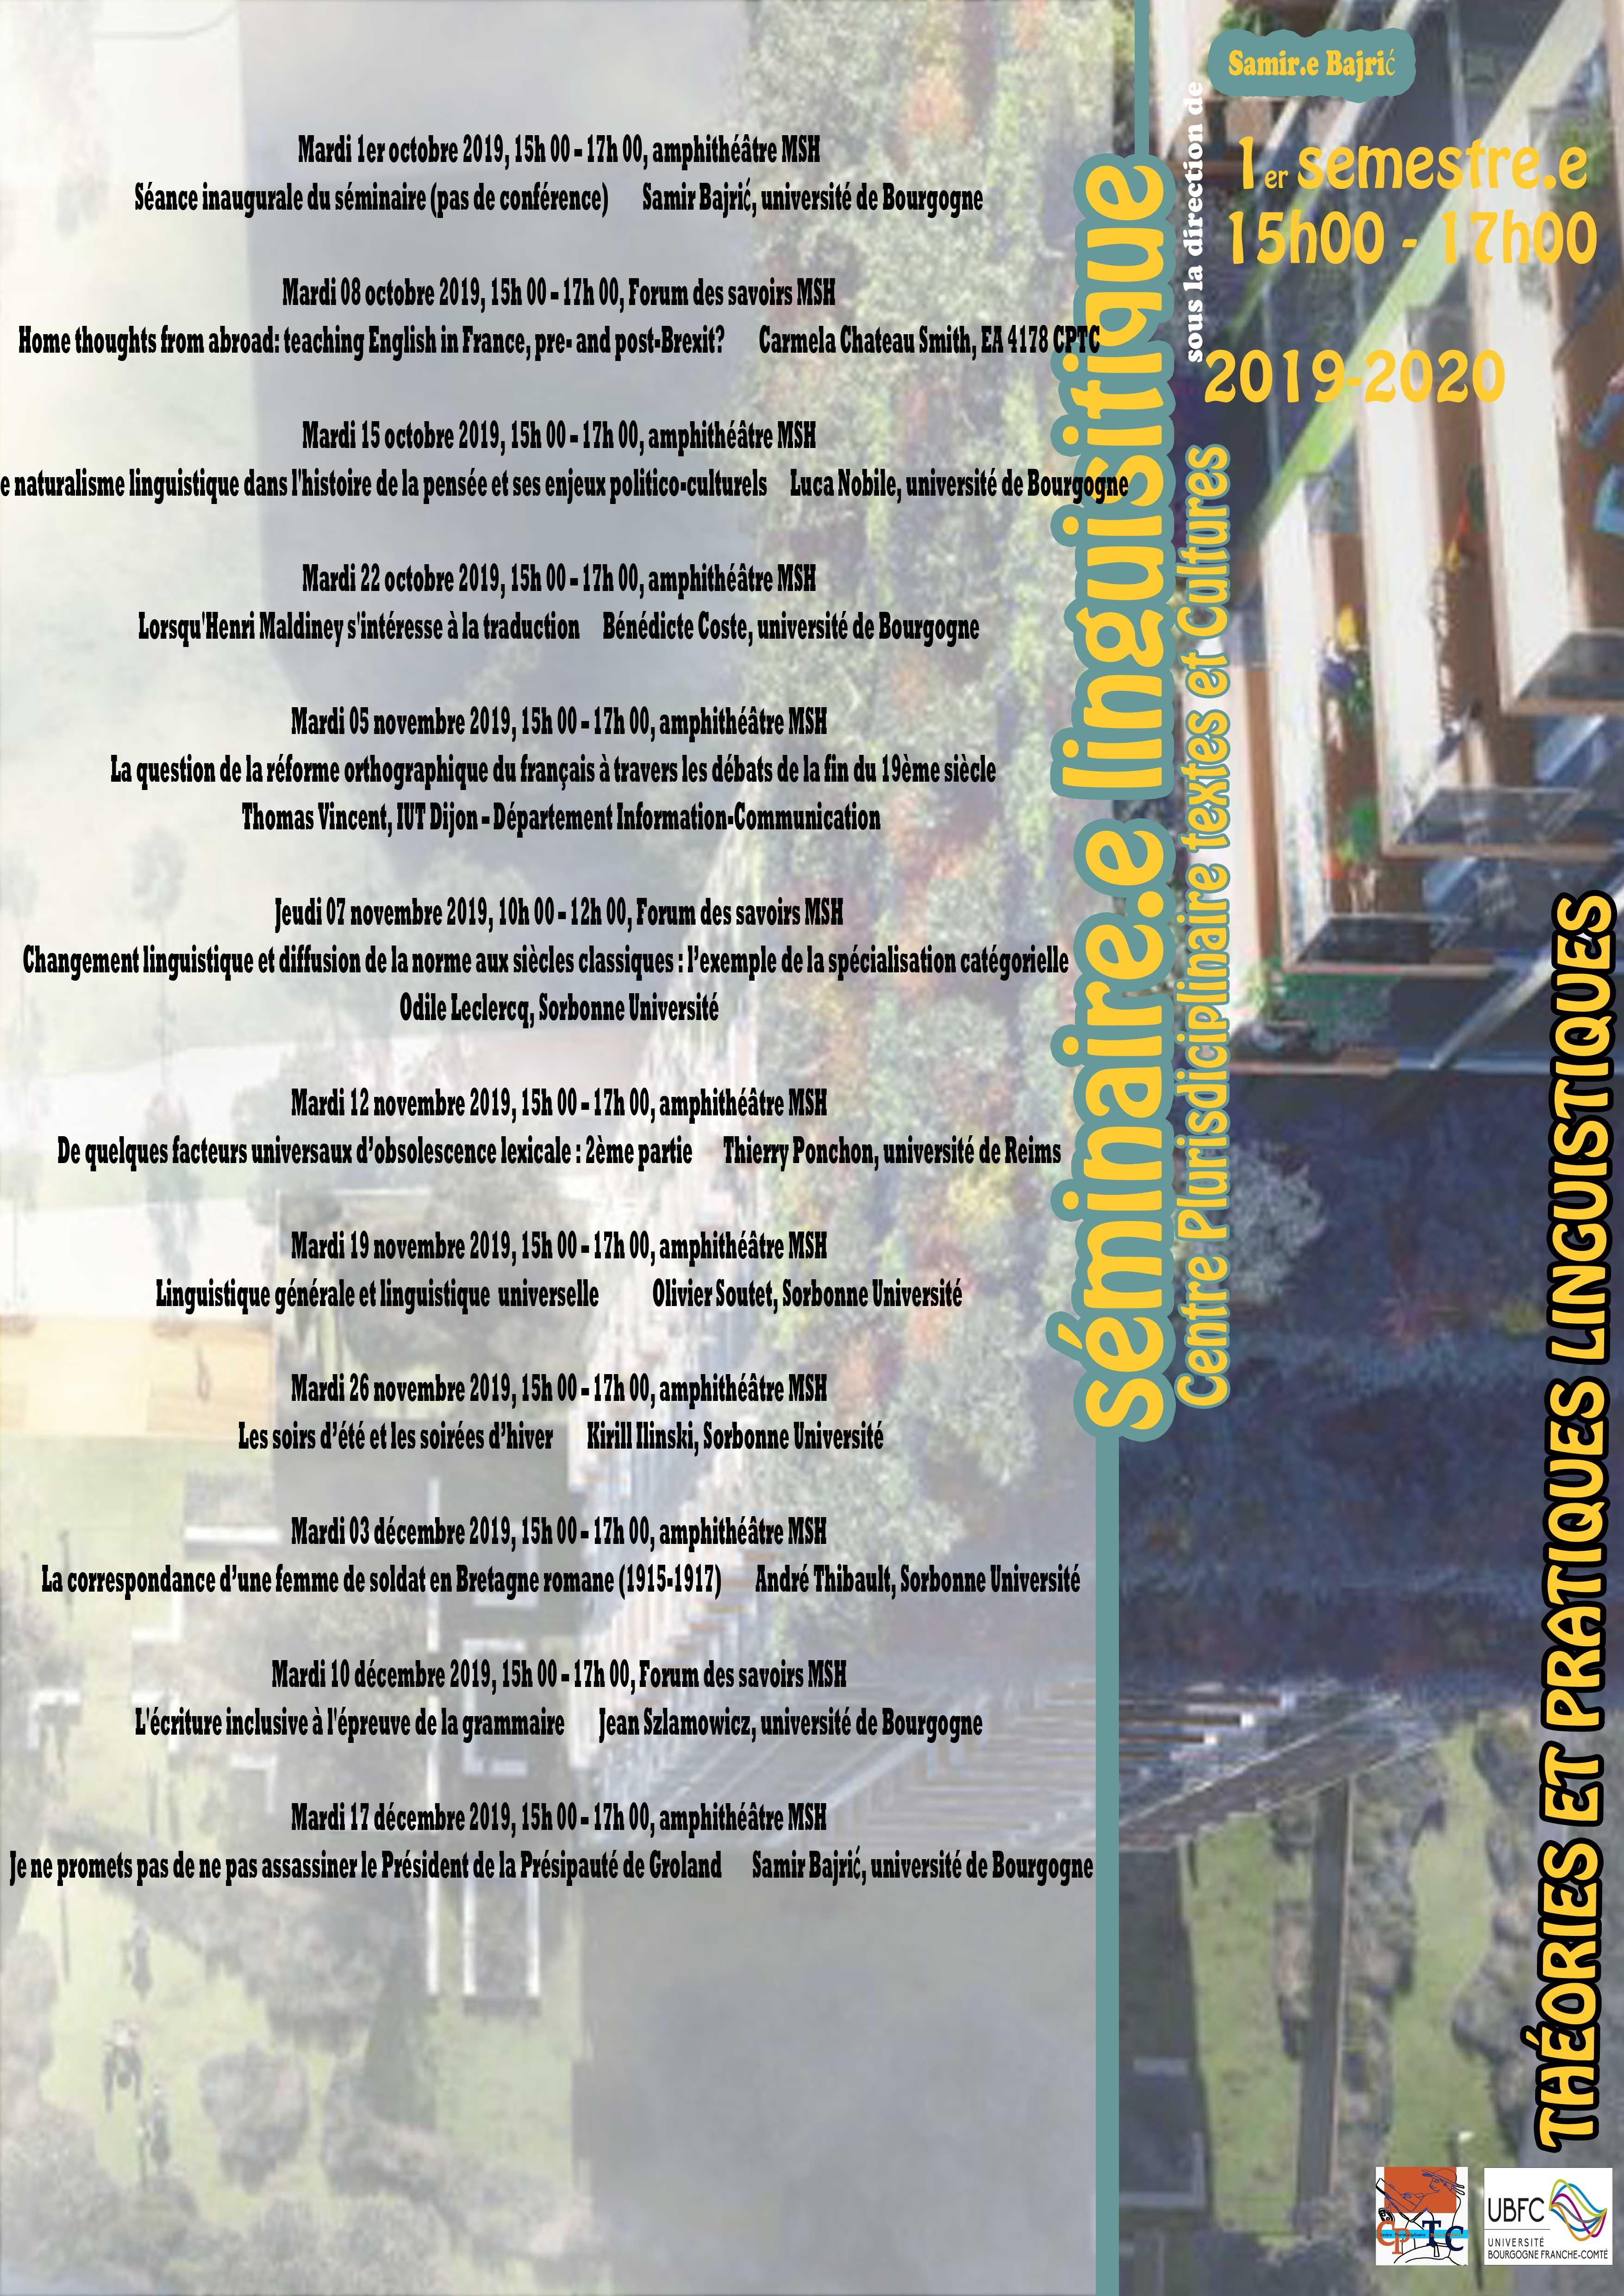 seminaire linguistique 2019 2020.jpg web 3